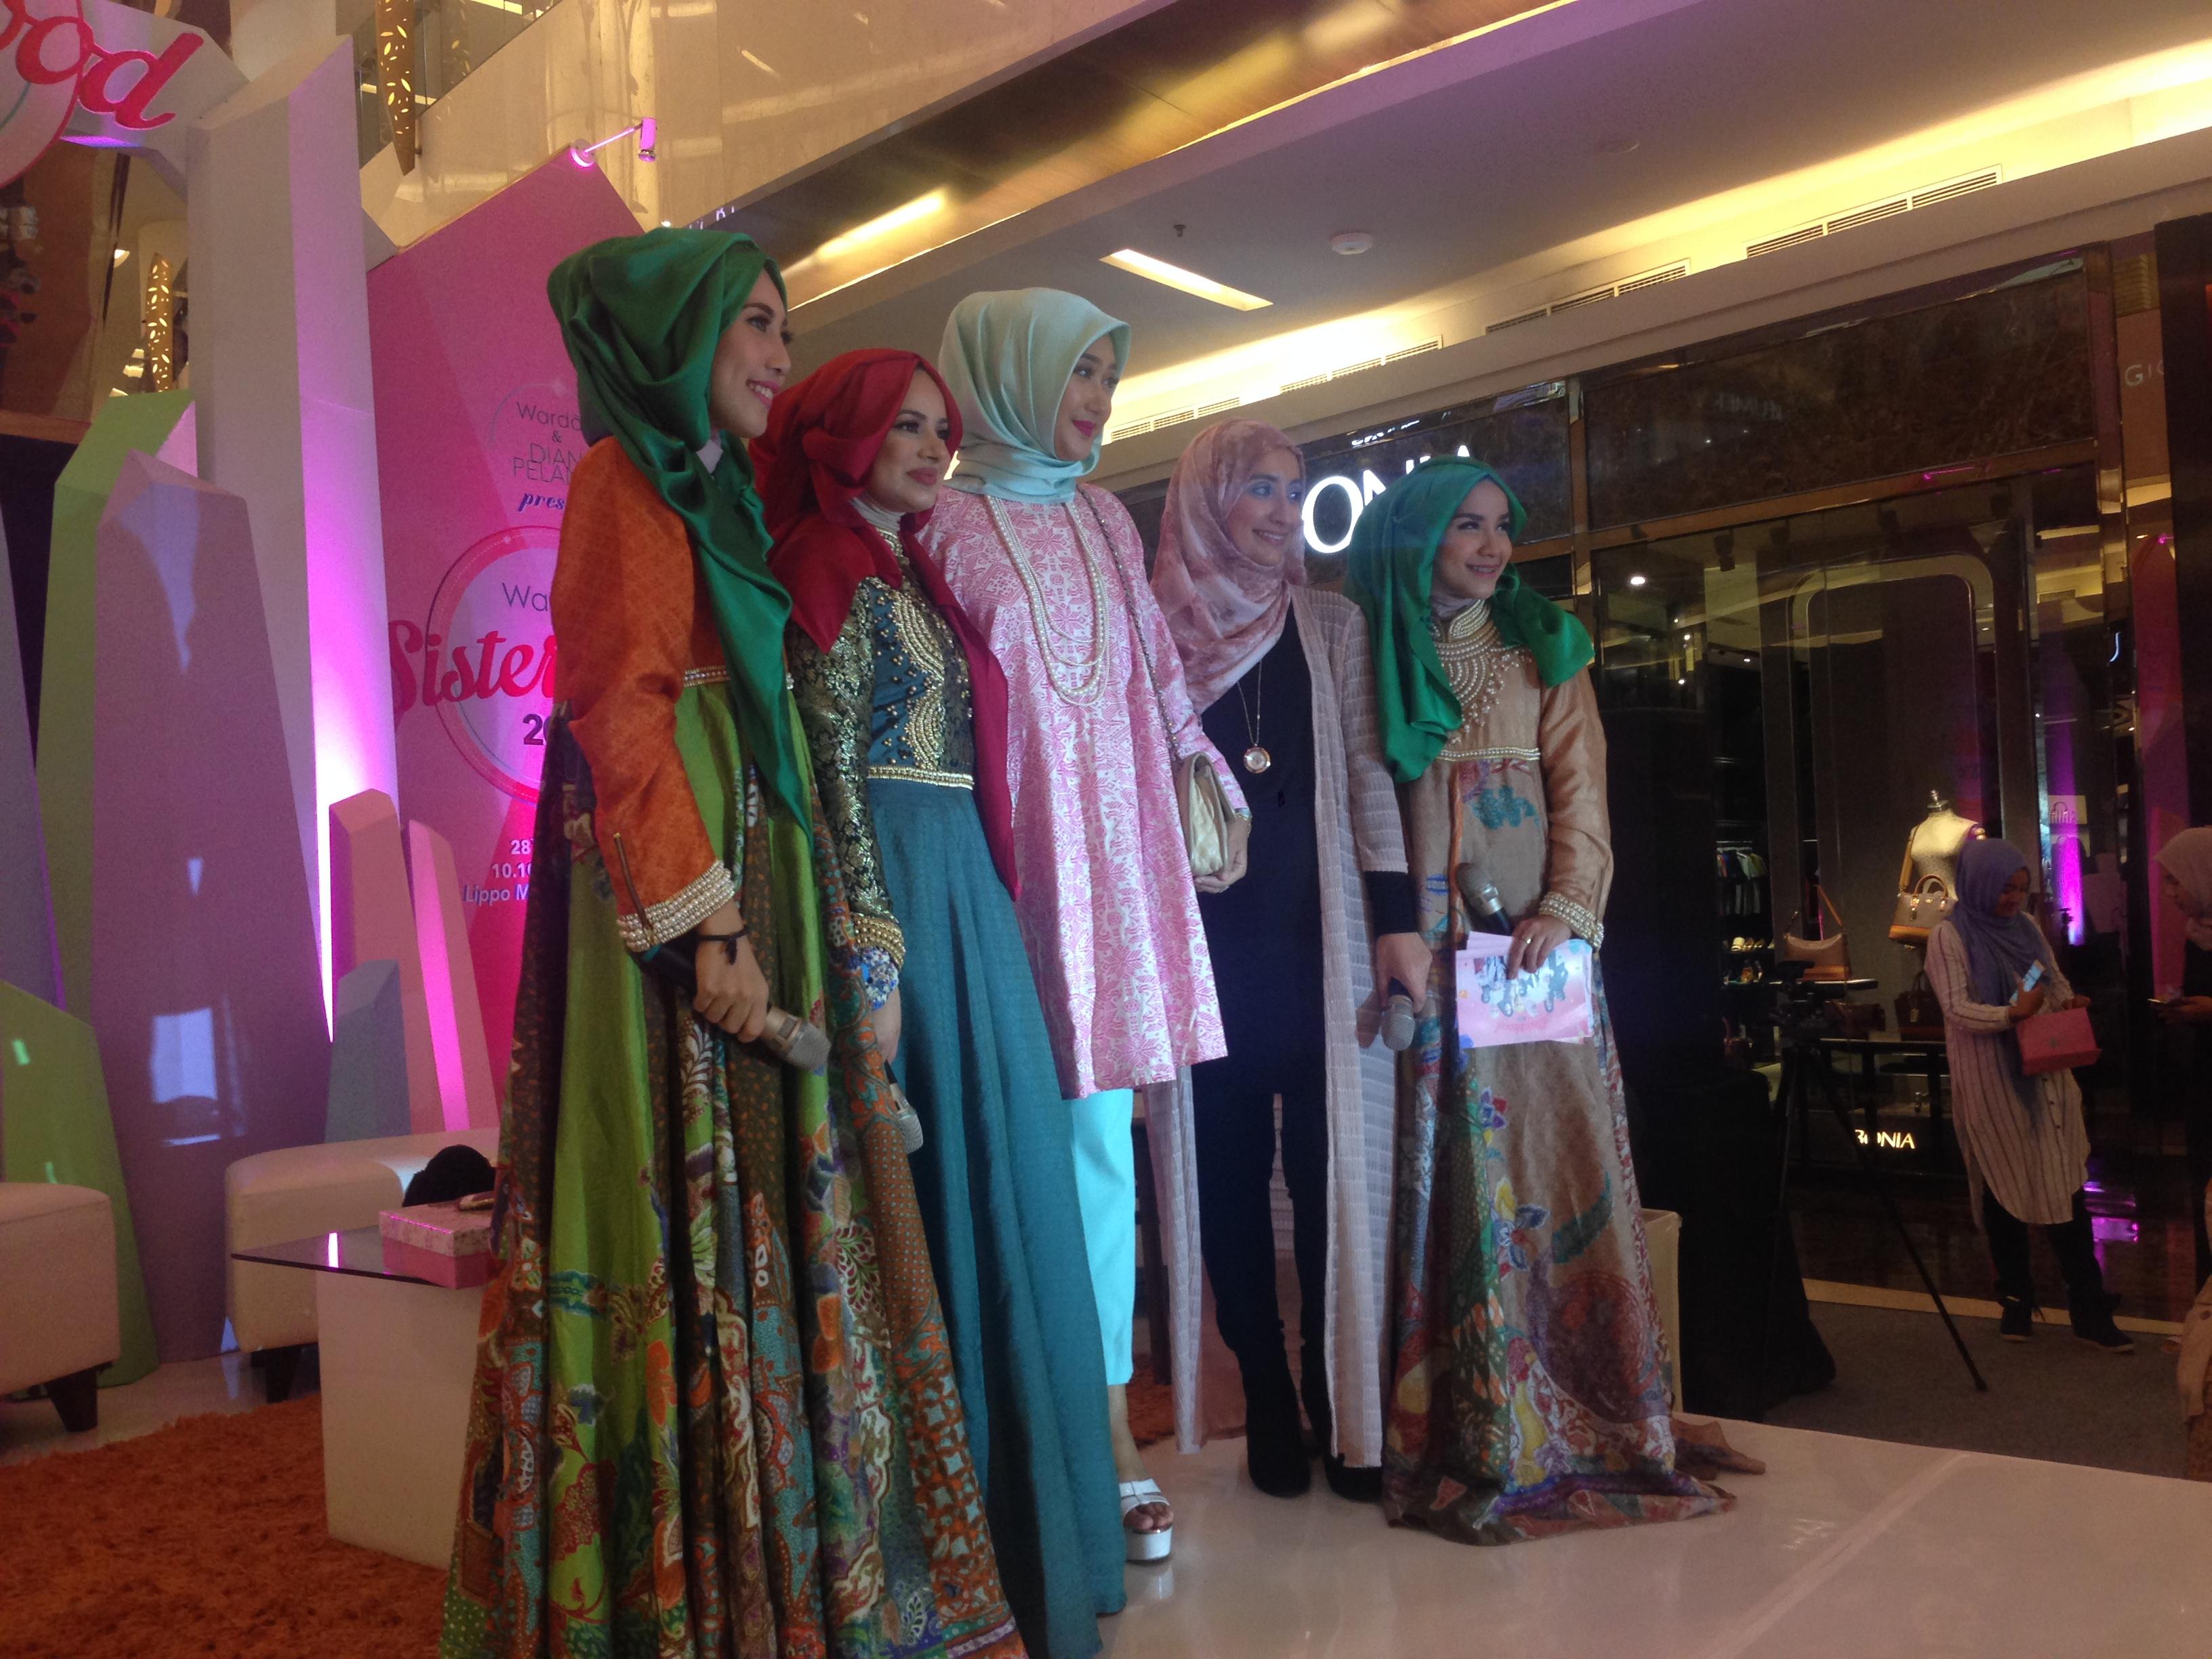 Ruba Zai: Hijabi Fashion Blogger and Youtuber